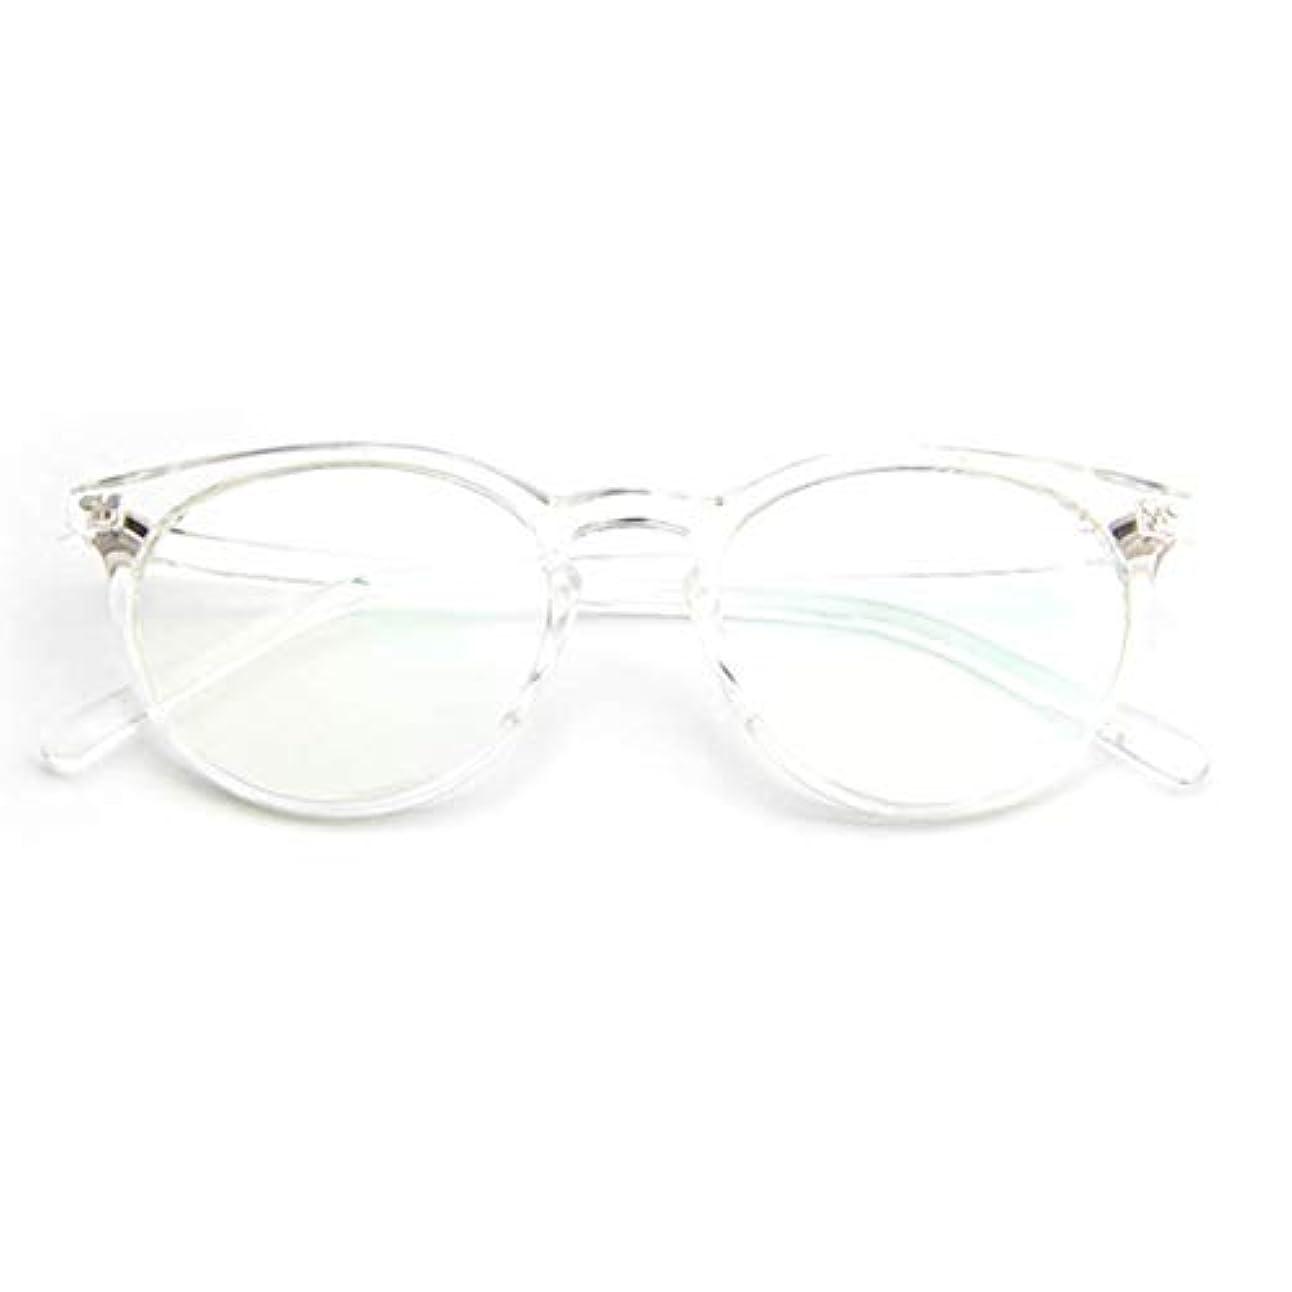 観光に行く武器ワイド小さな新鮮な米ネイルフレームレンズレトロ古風な円形フレームファッションフレーム男性用近視眼鏡女性-透明な白